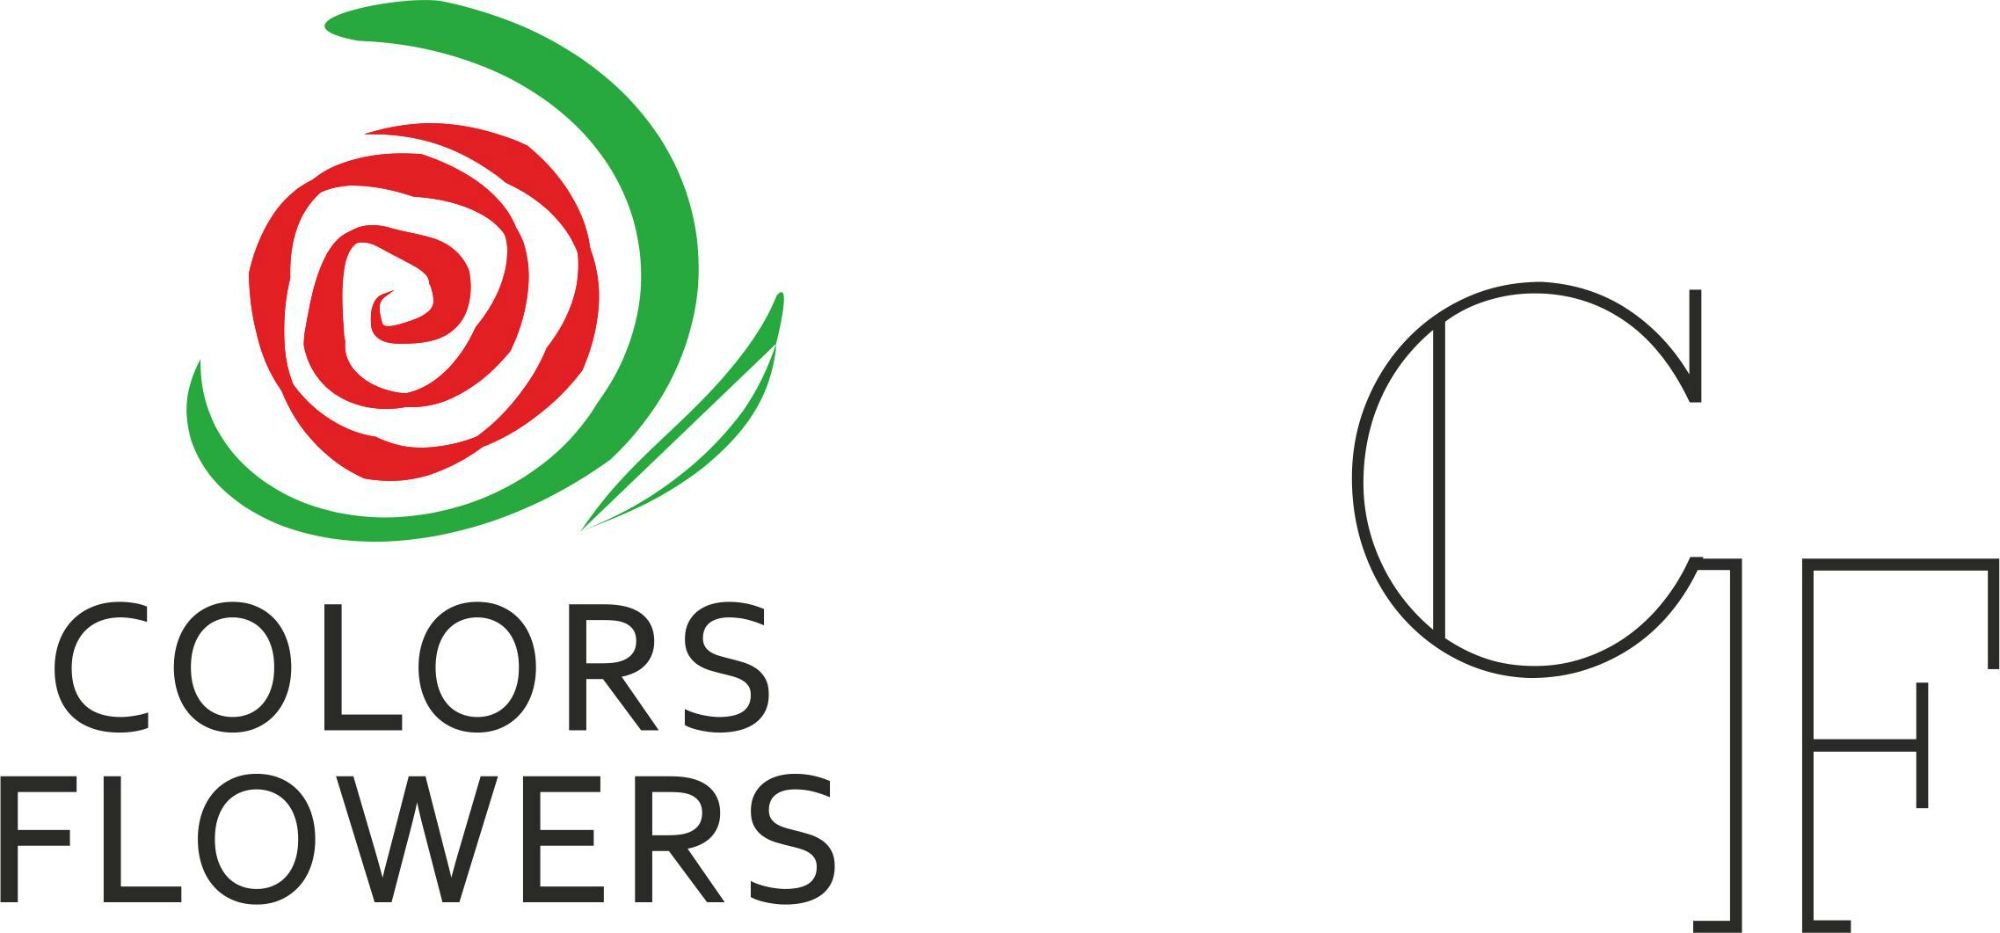 Логотип и фирм. стиль цветочного салона - дизайнер Humanoid_007